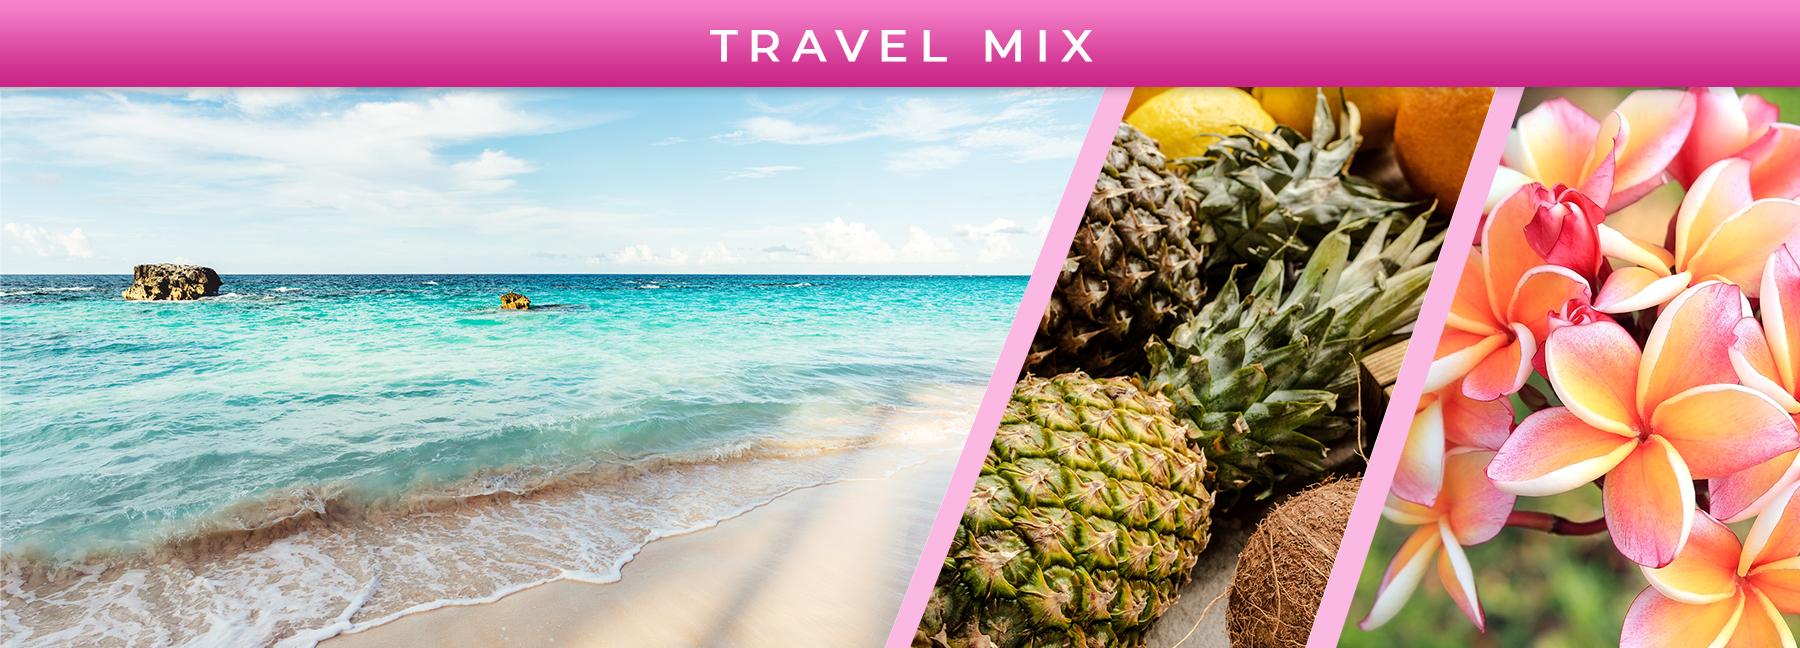 Travel Mix fragrance elements